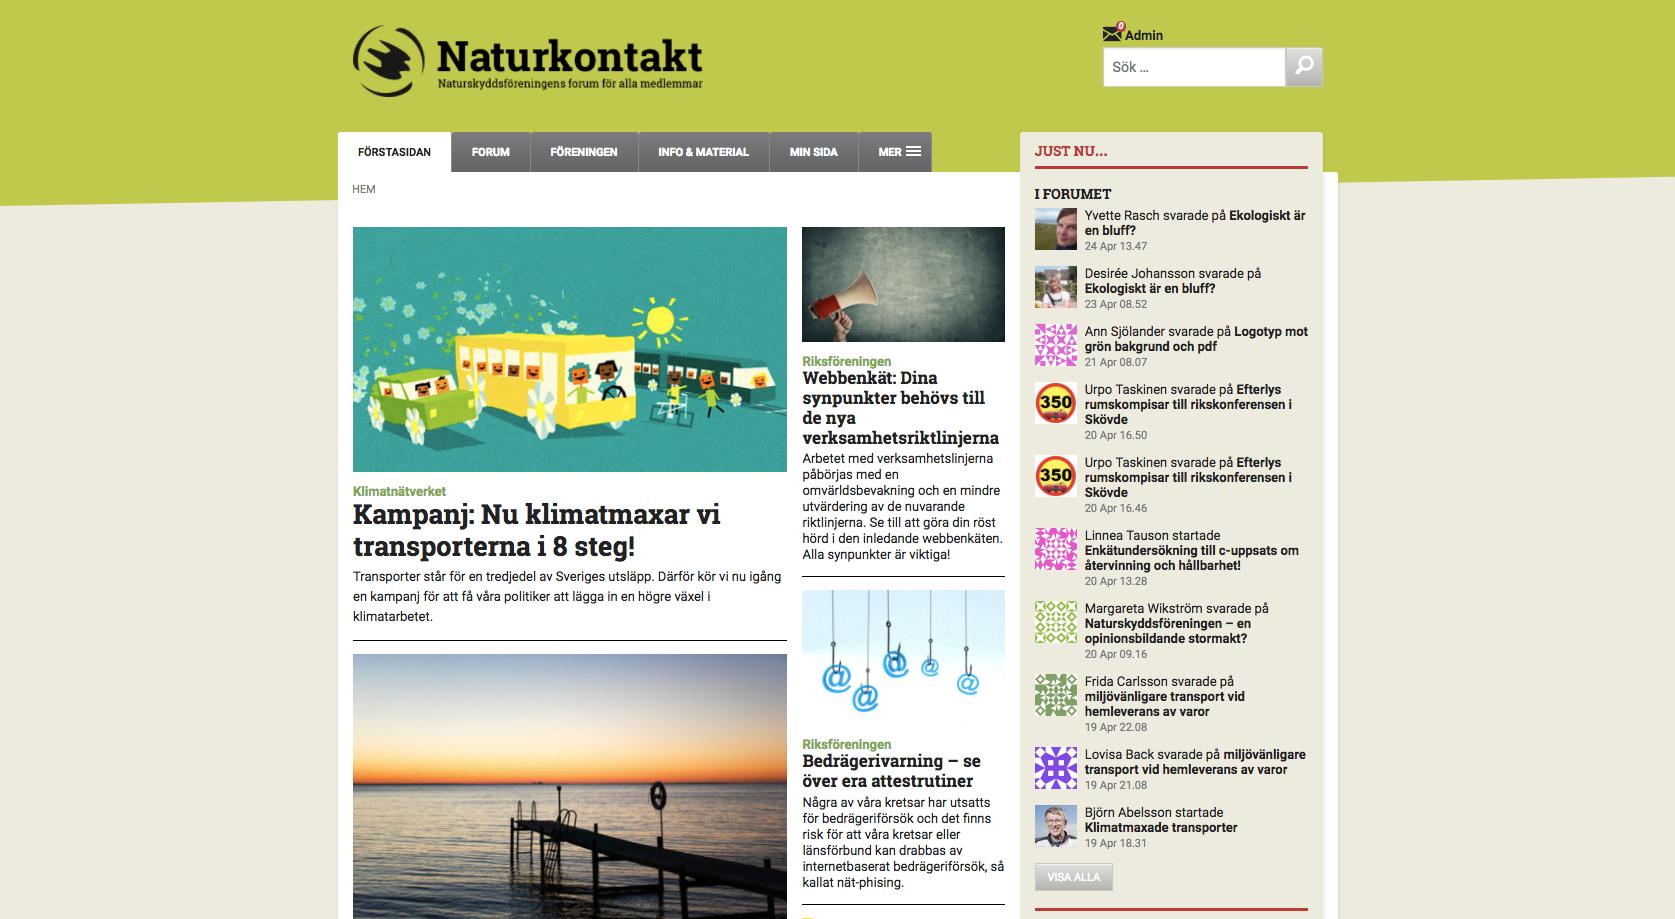 Naturkontakt front page